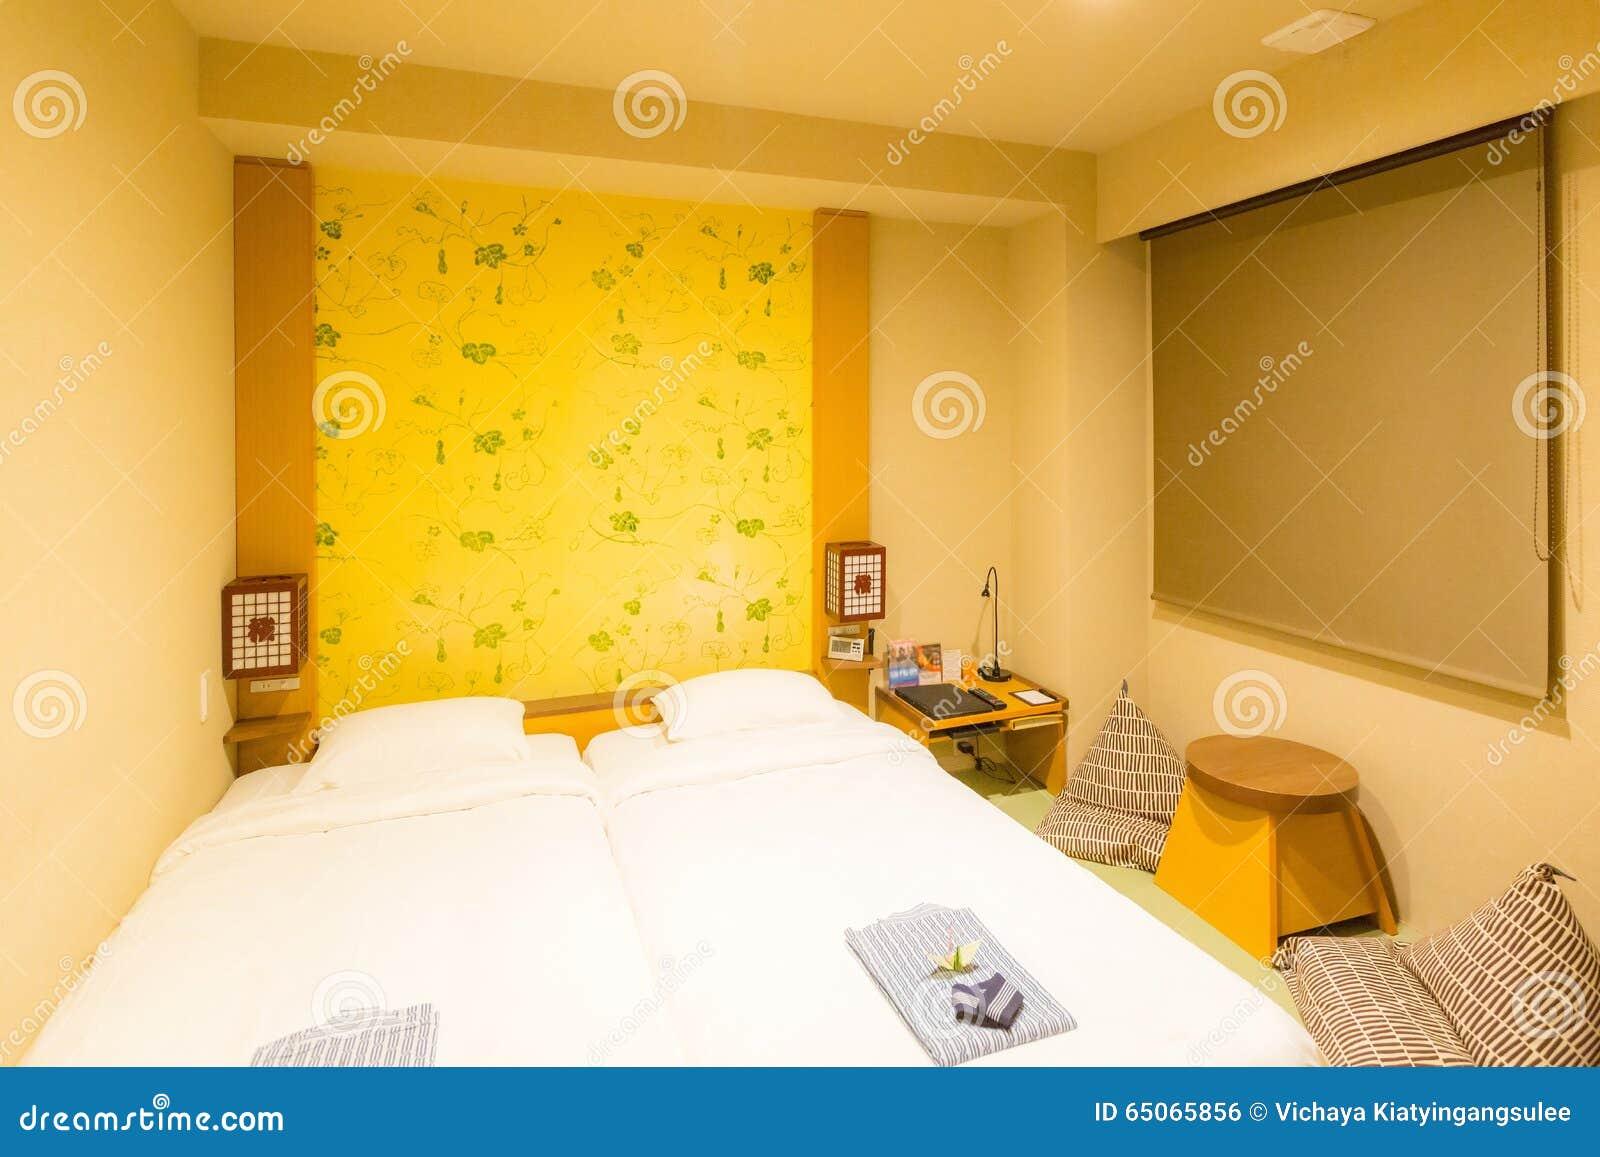 Cheap camera da letto di stile giapponese immagine stock - Camere da letto stile orientale ...